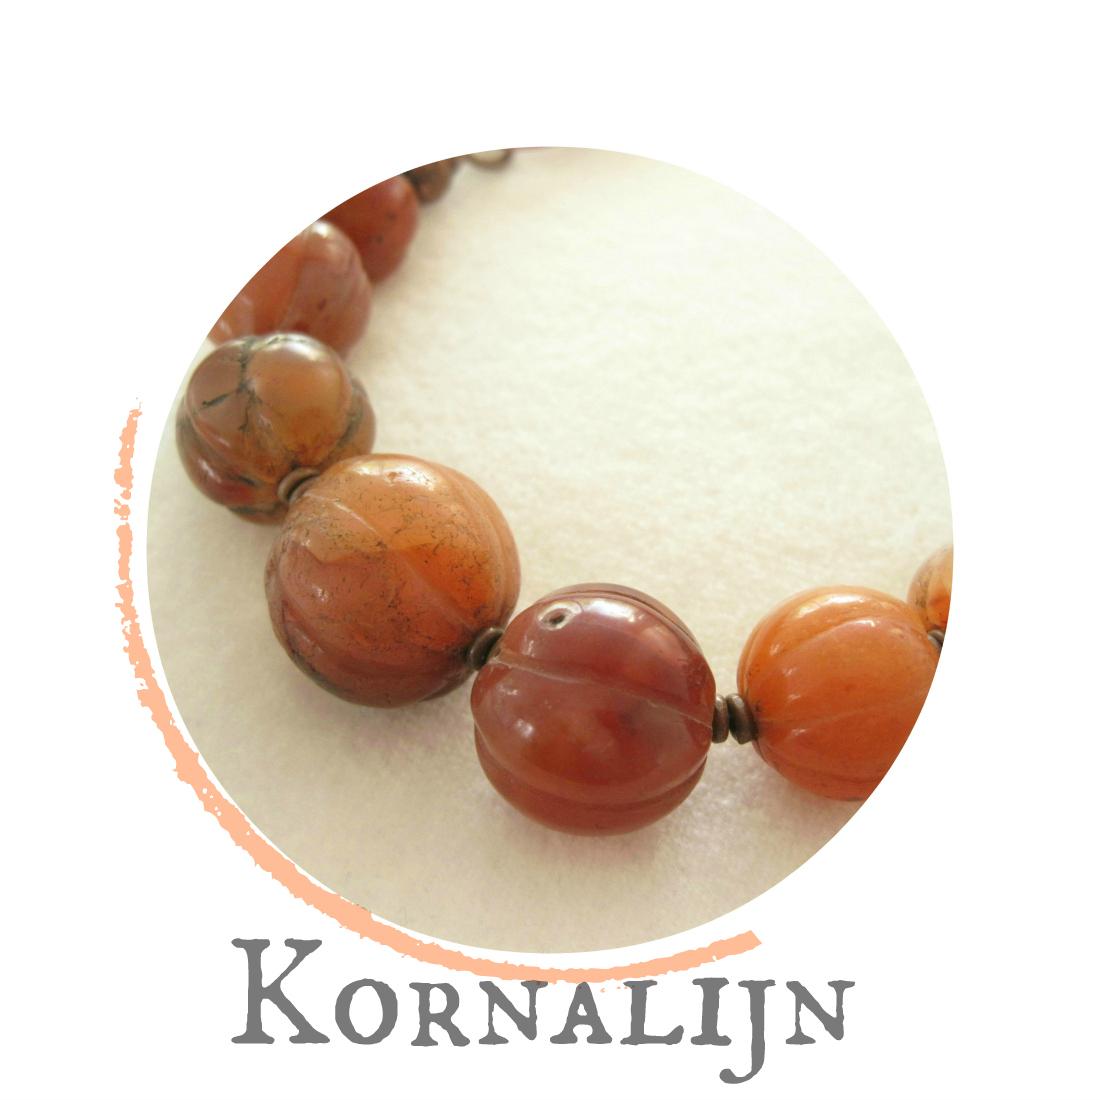 Kornalijn - kleurrrijke wereld sieraden